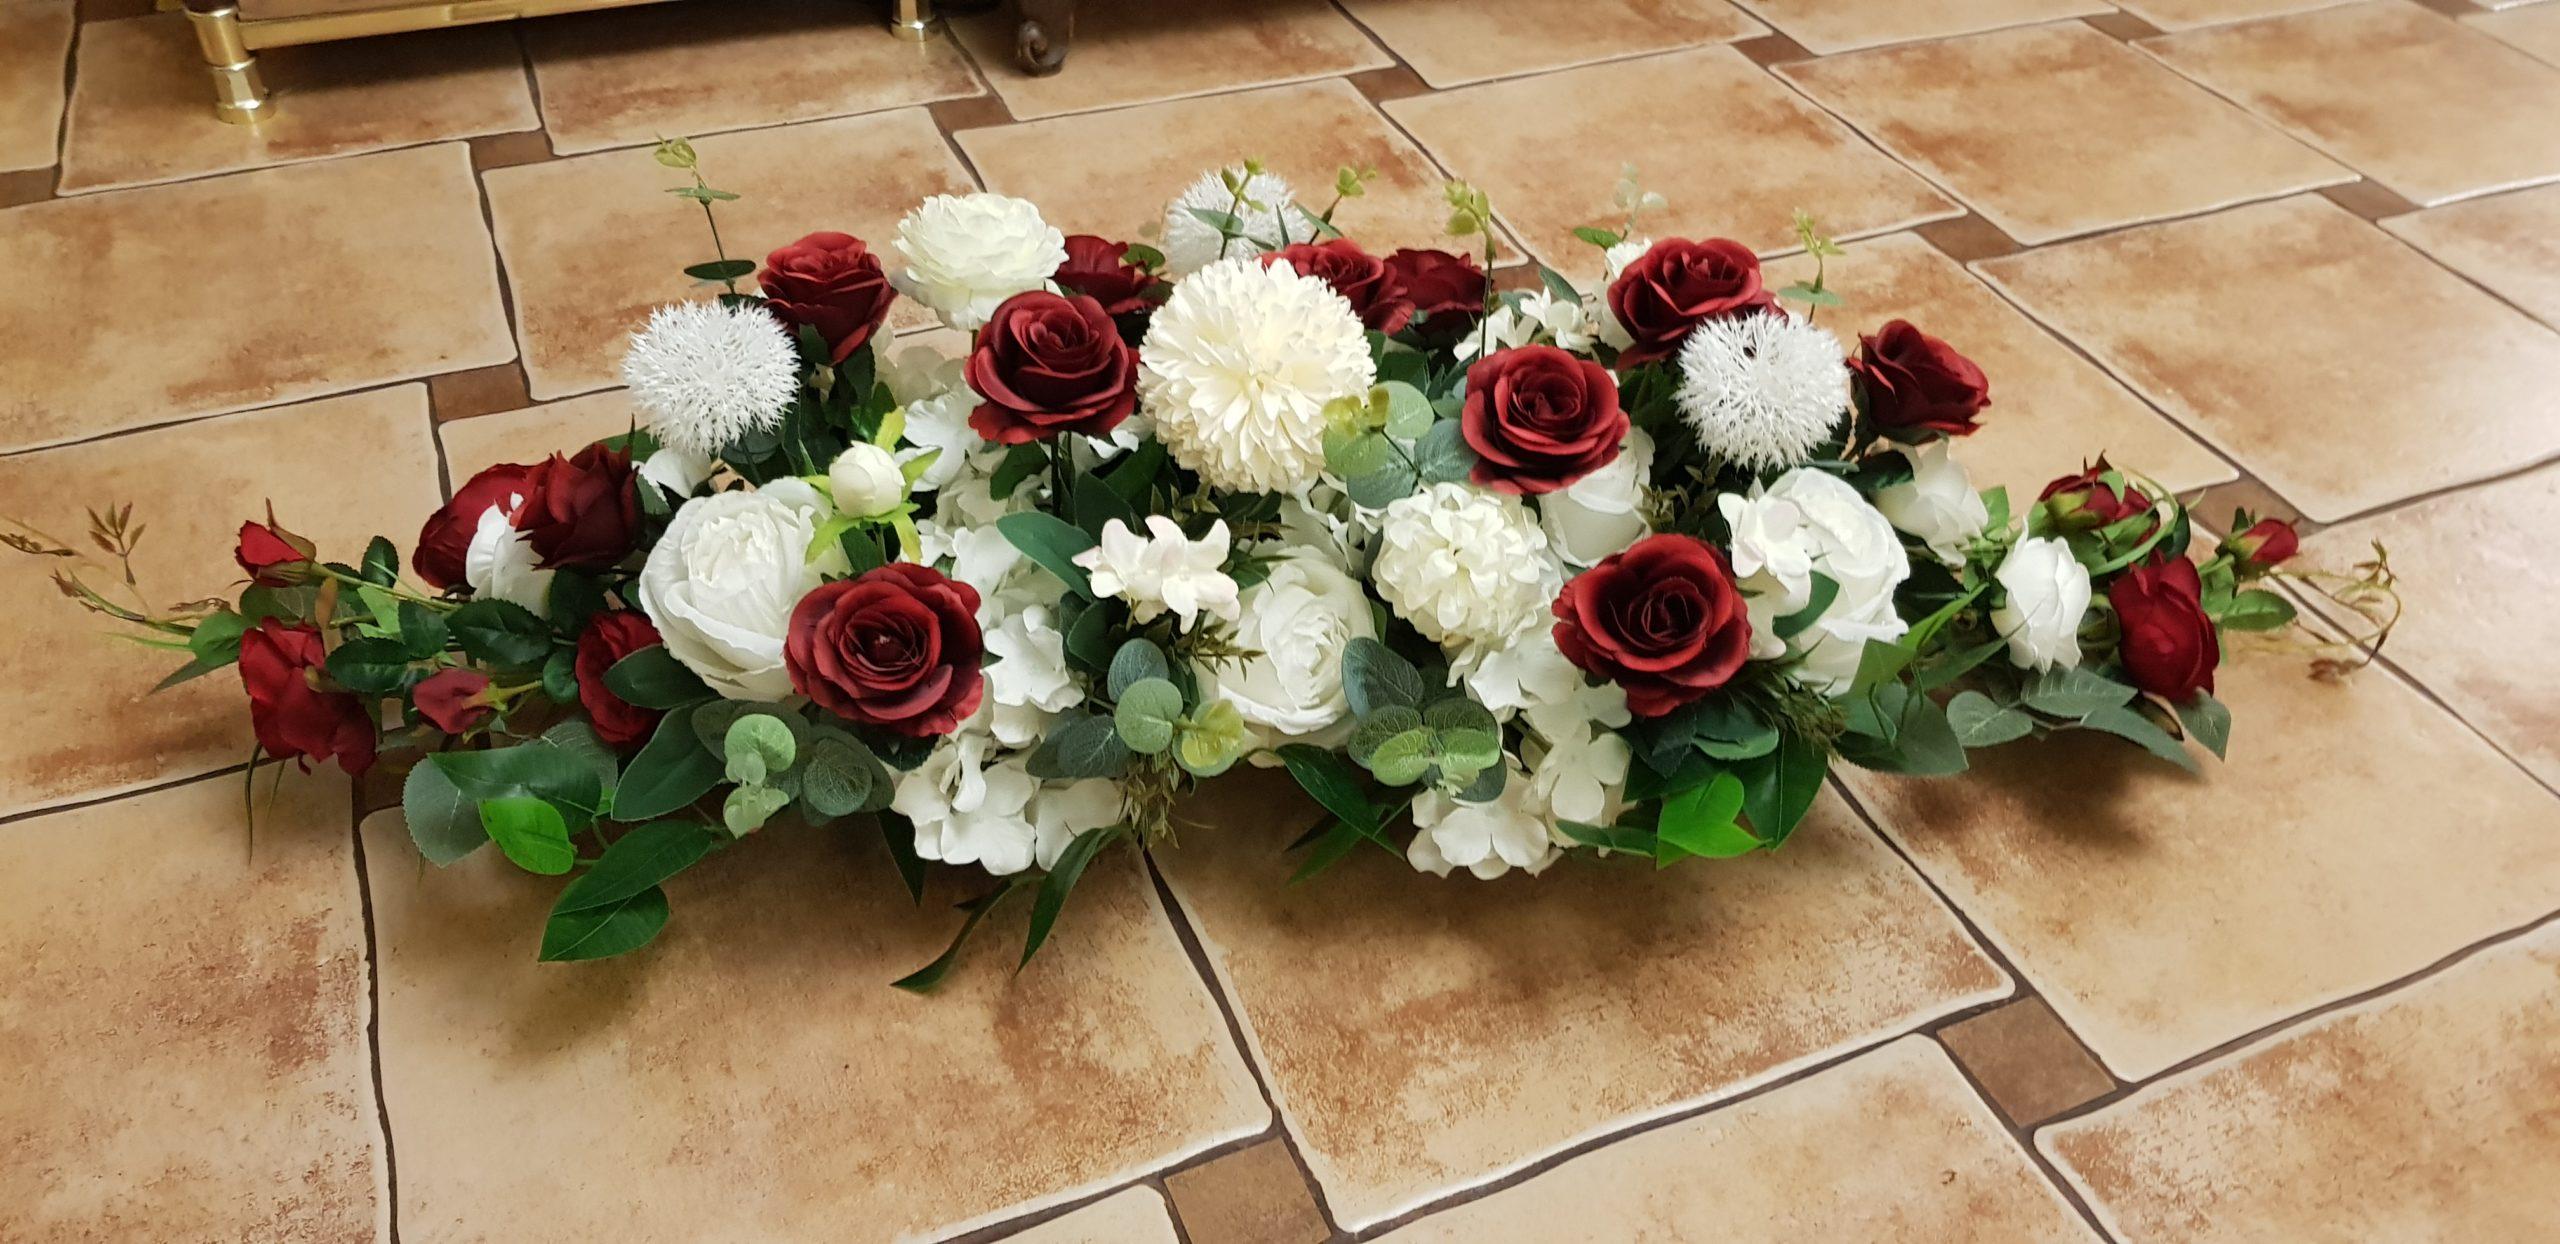 Przykładowa dekoracja weselna